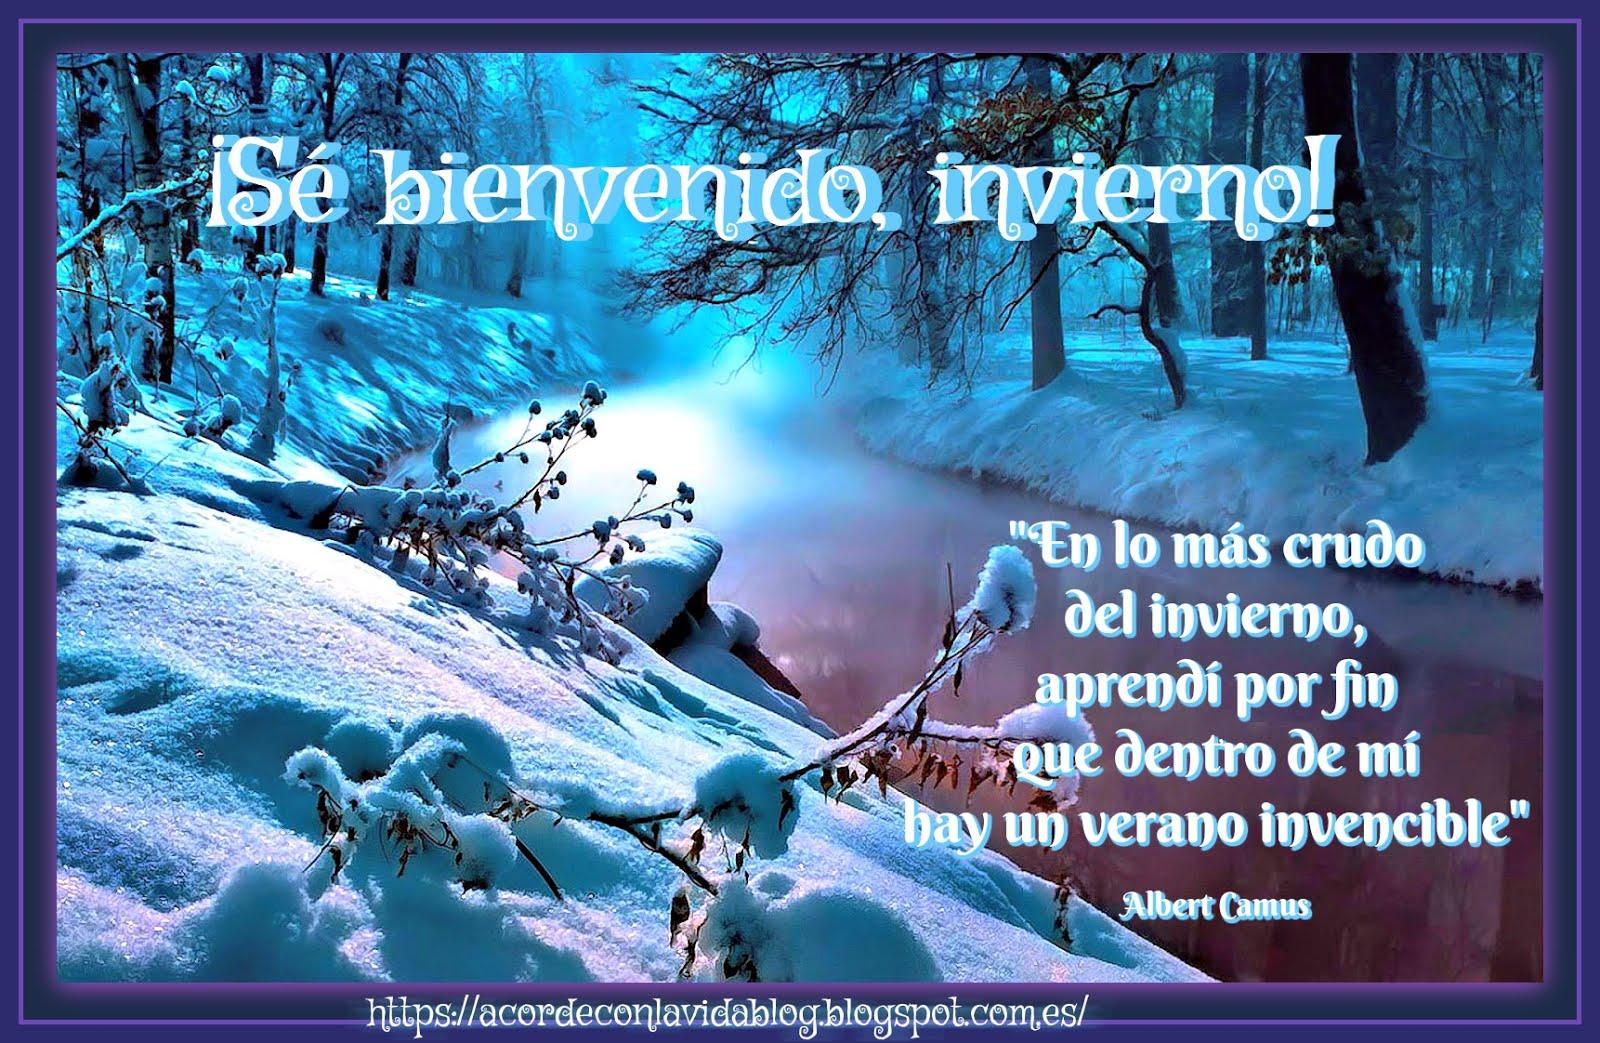 * ¡Bienvenido invierno!